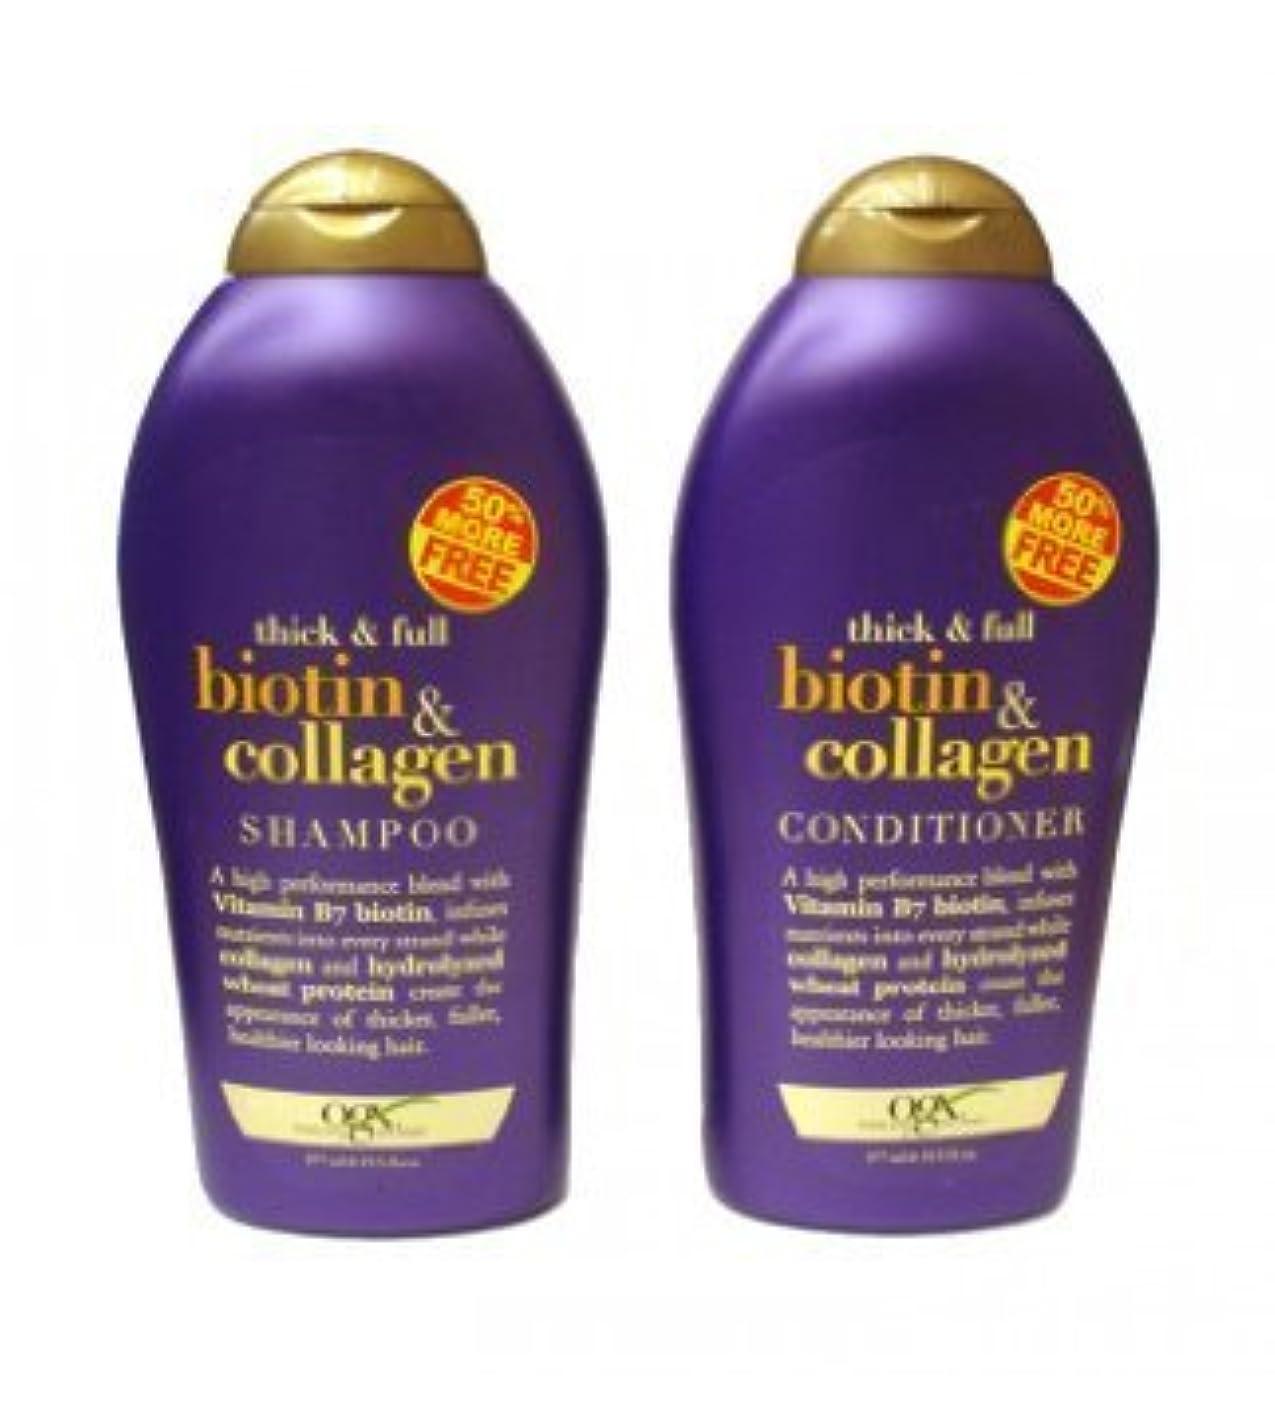 いう予測おばさんOGX (Thick & Full) Biotin & Collagen Shampoo 19.5oz + Conditioner 19.5oz Duo-Set [並行輸入品]